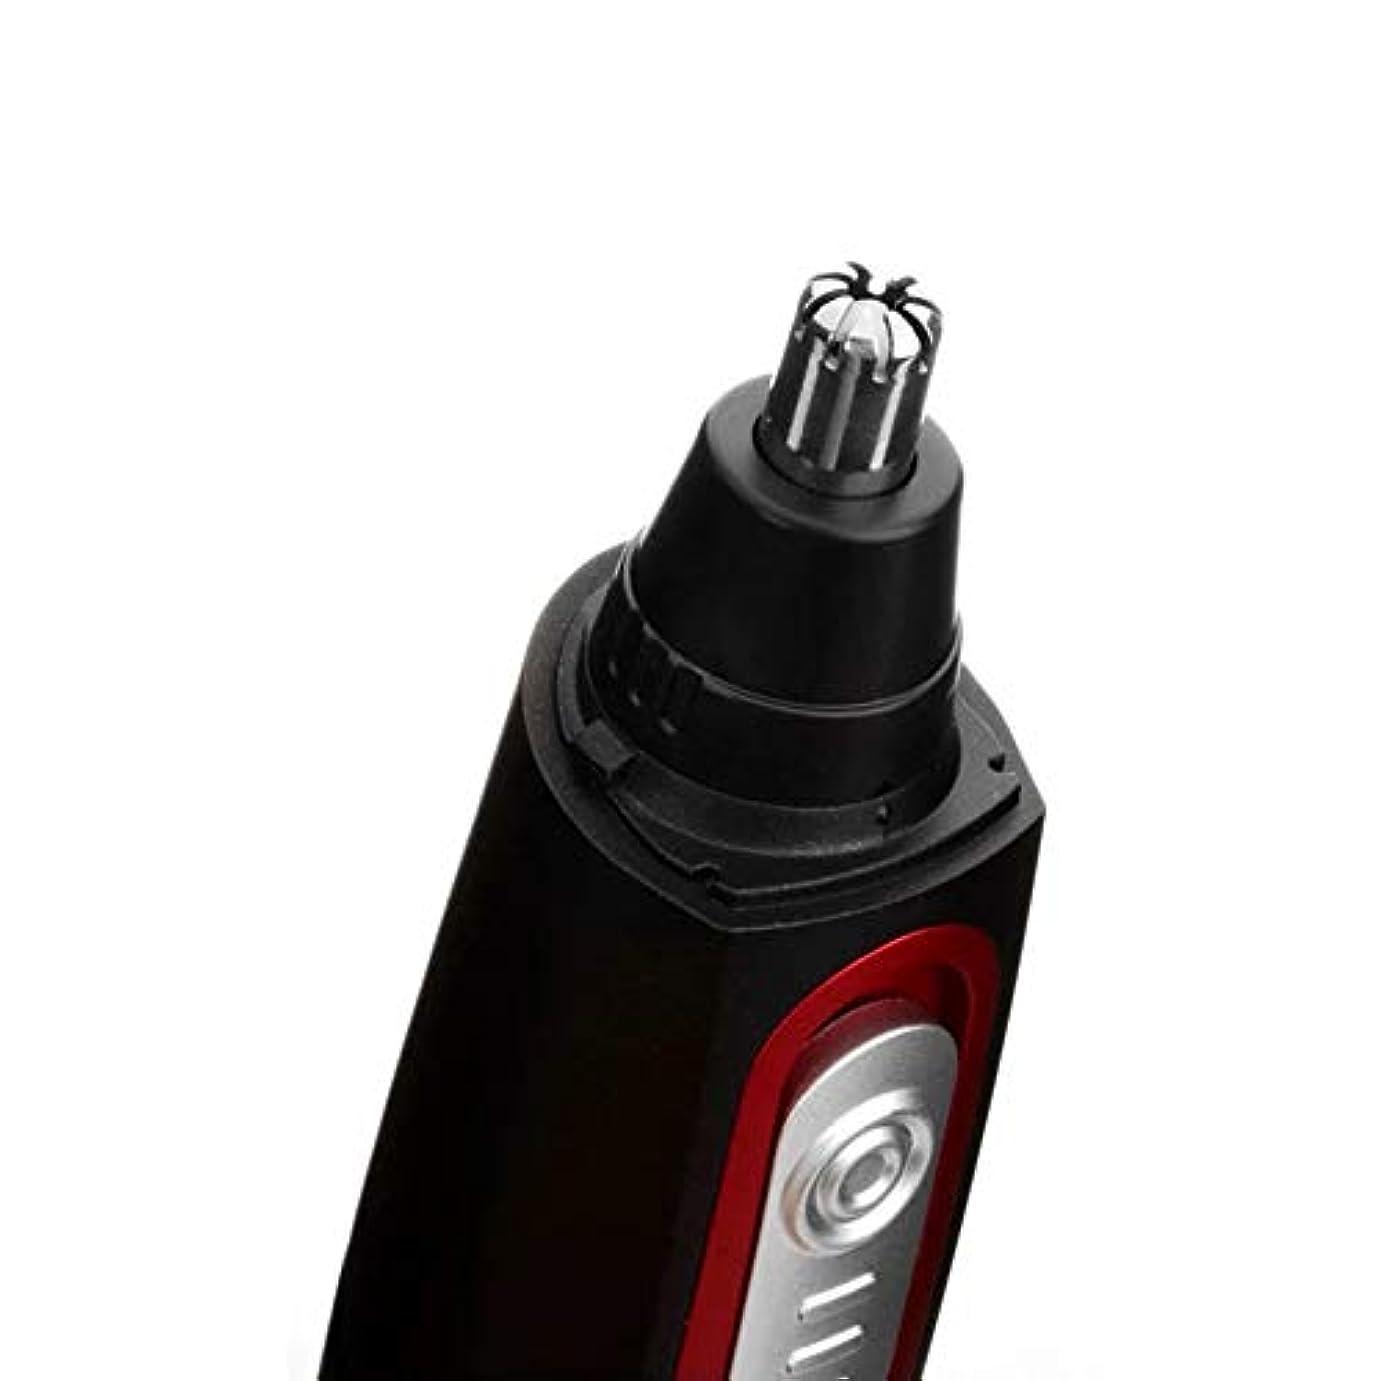 ノーズヘアトリマー/メンズシェービングノーズヘアスクレーピングノーズヘアハサミ/ 360°効果的なキャプチャー/三次元ロータリーカッターヘッドデザイン/ 14cm 持つ価値があります